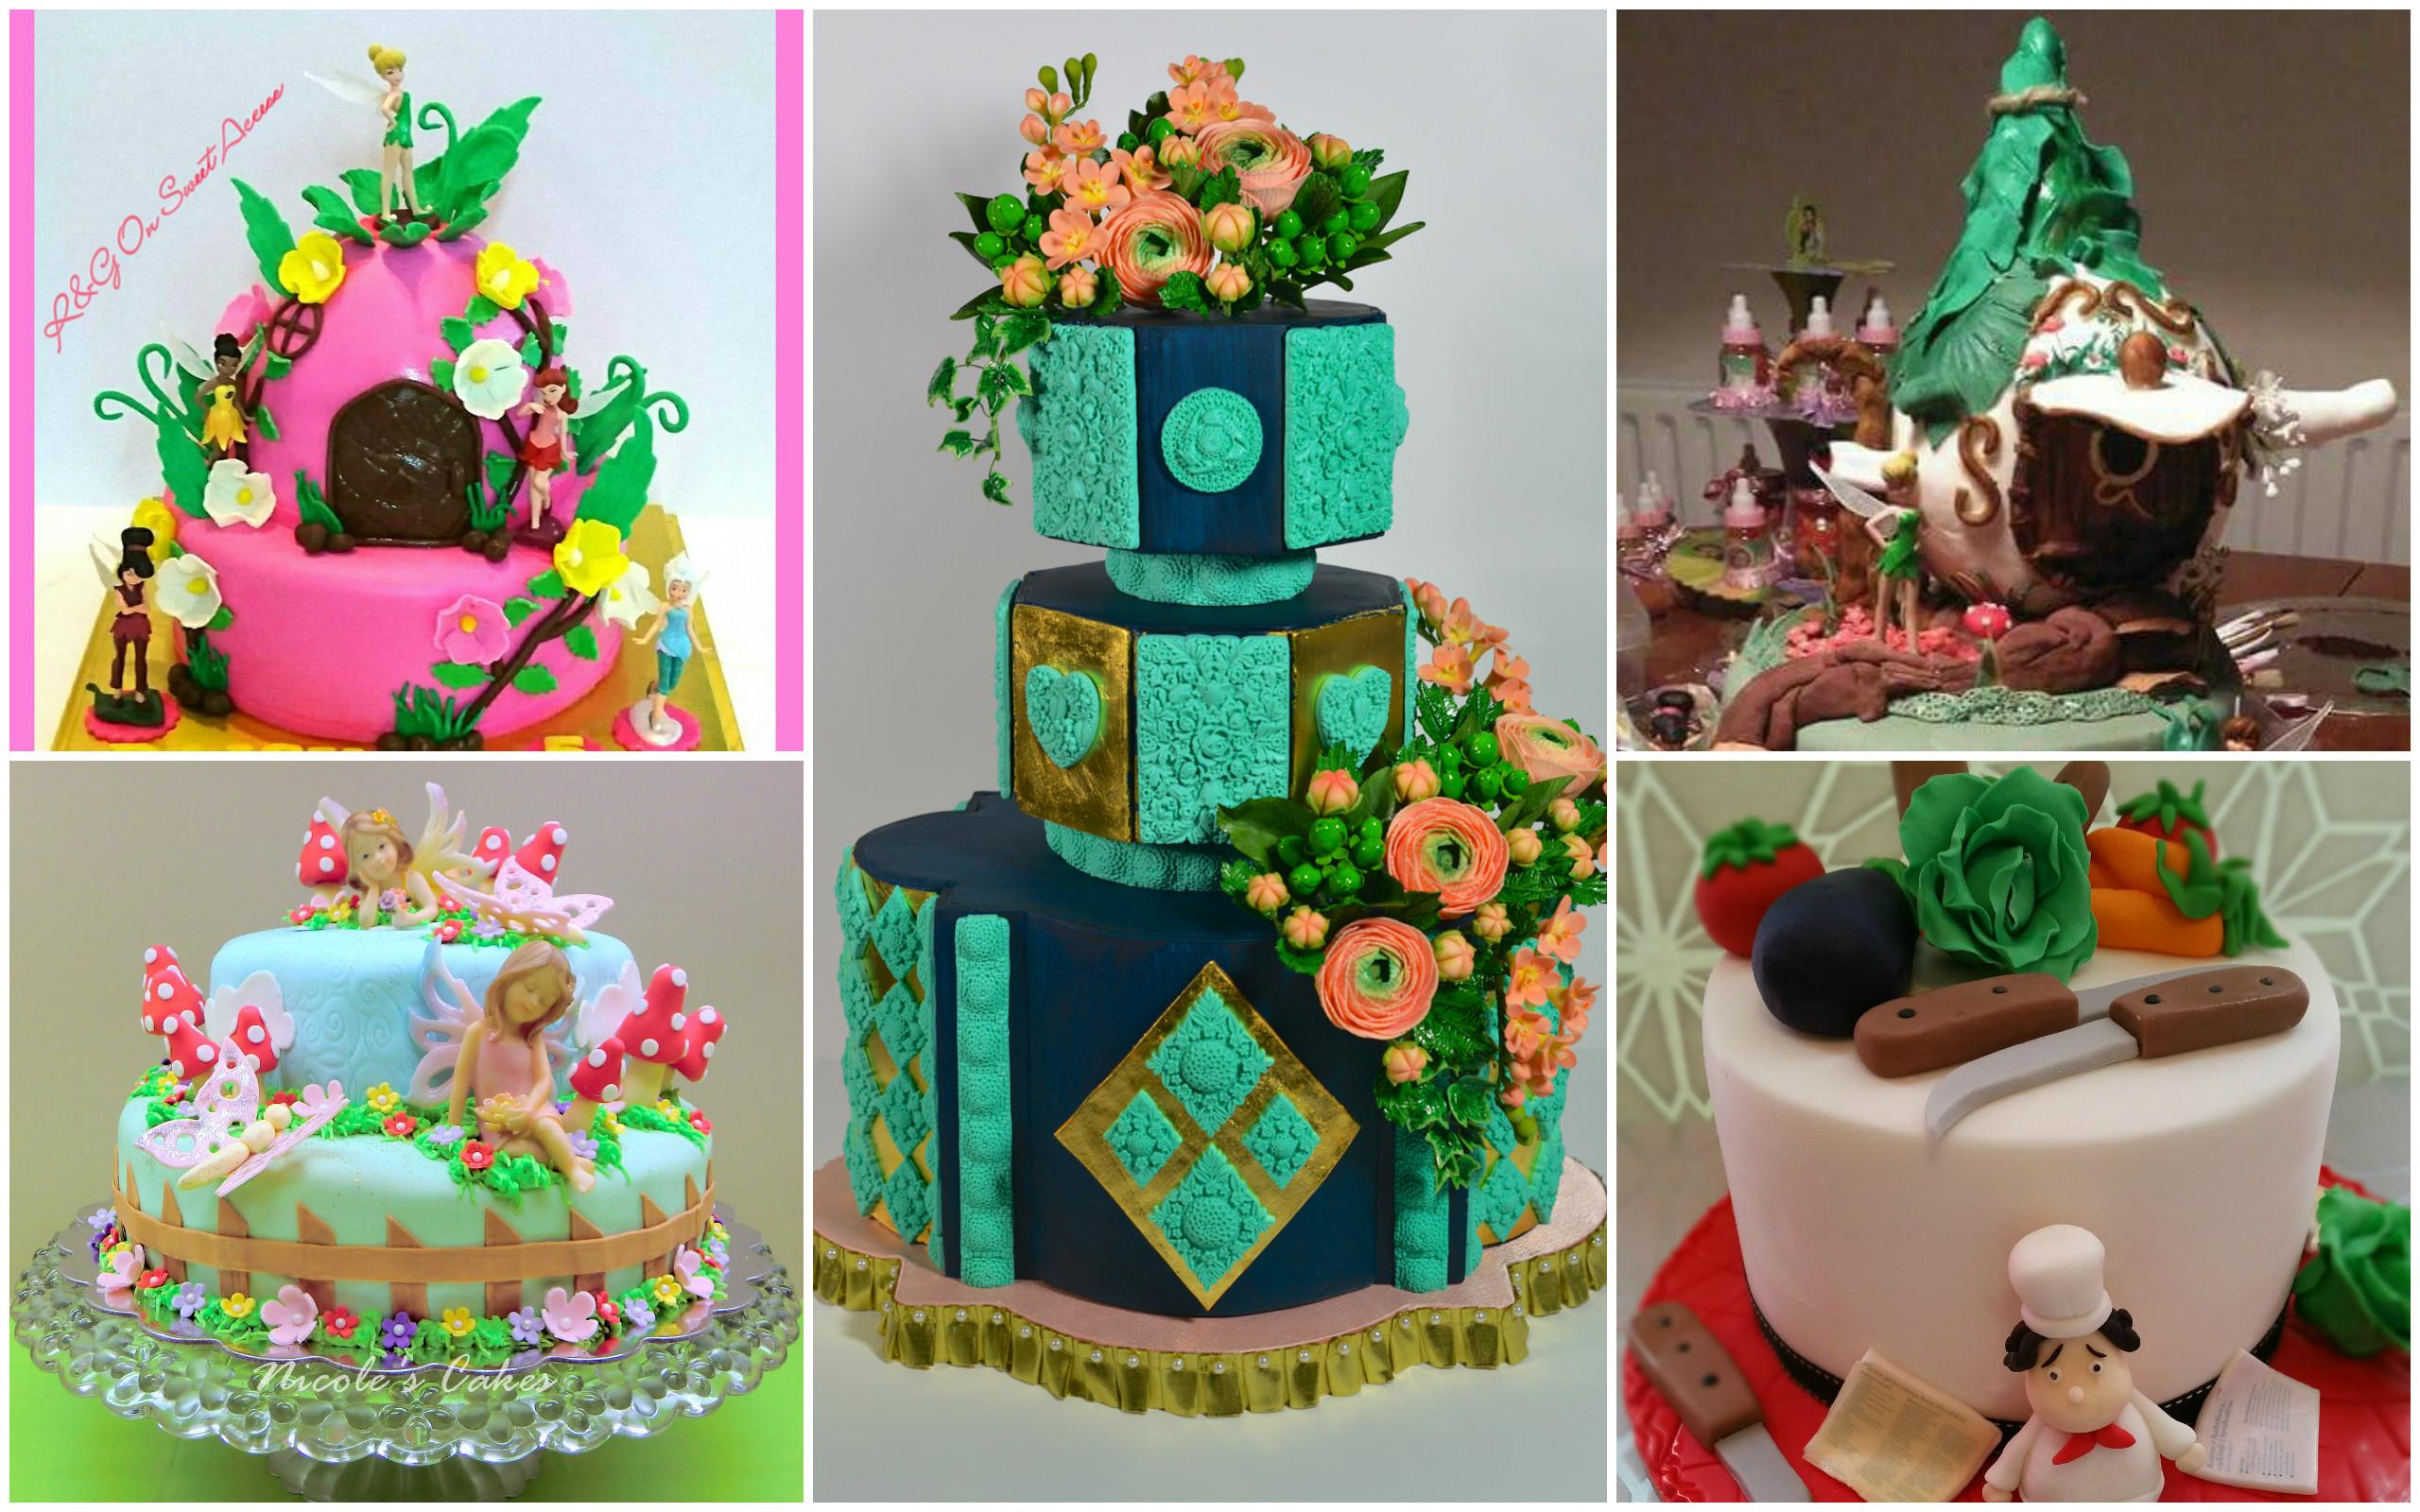 Amazing Cake Image